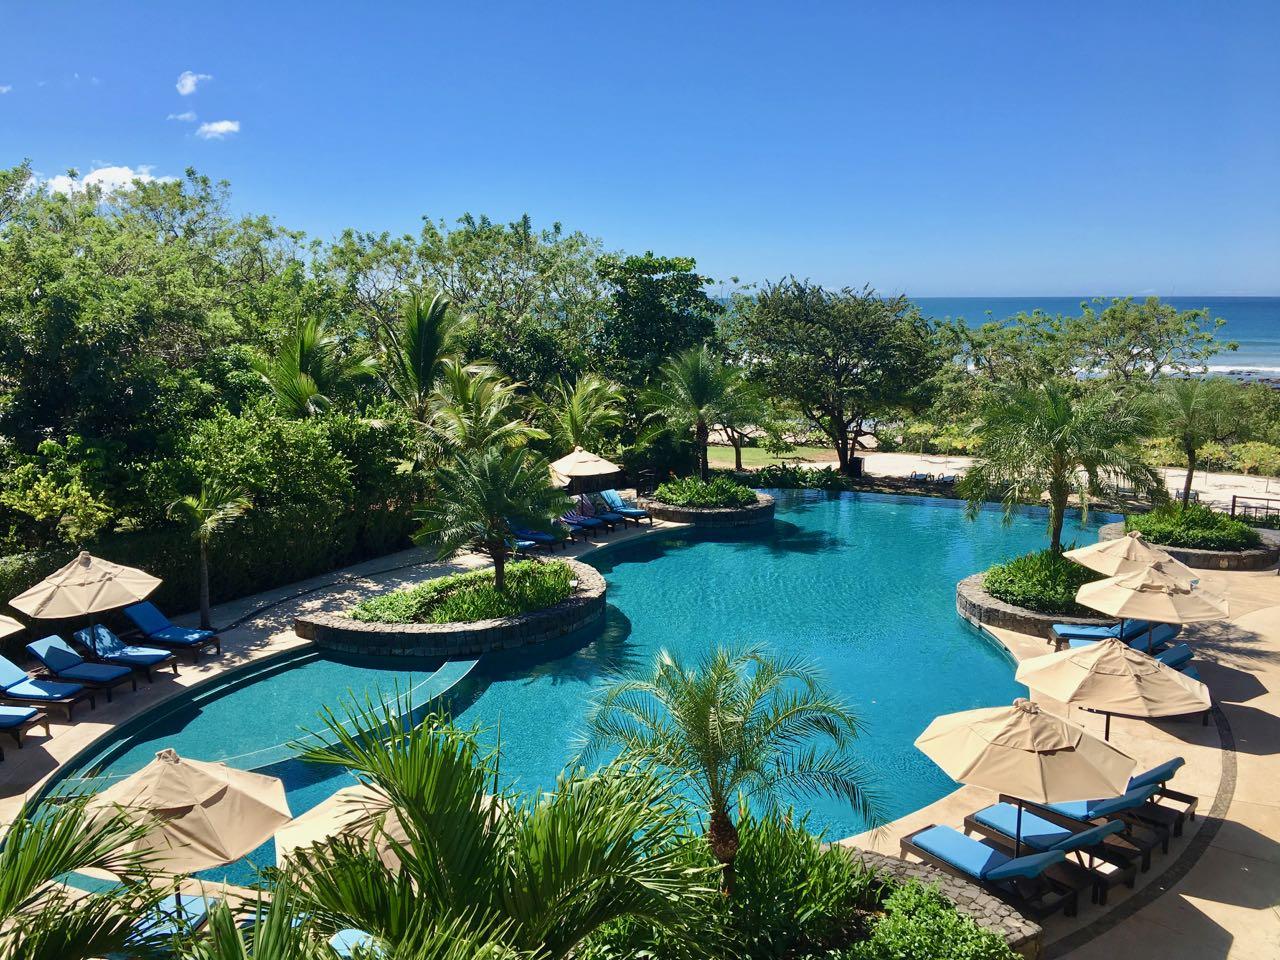 Villa for Sale Costa Rica: Affordable Luxury in Hacienda Pinilla